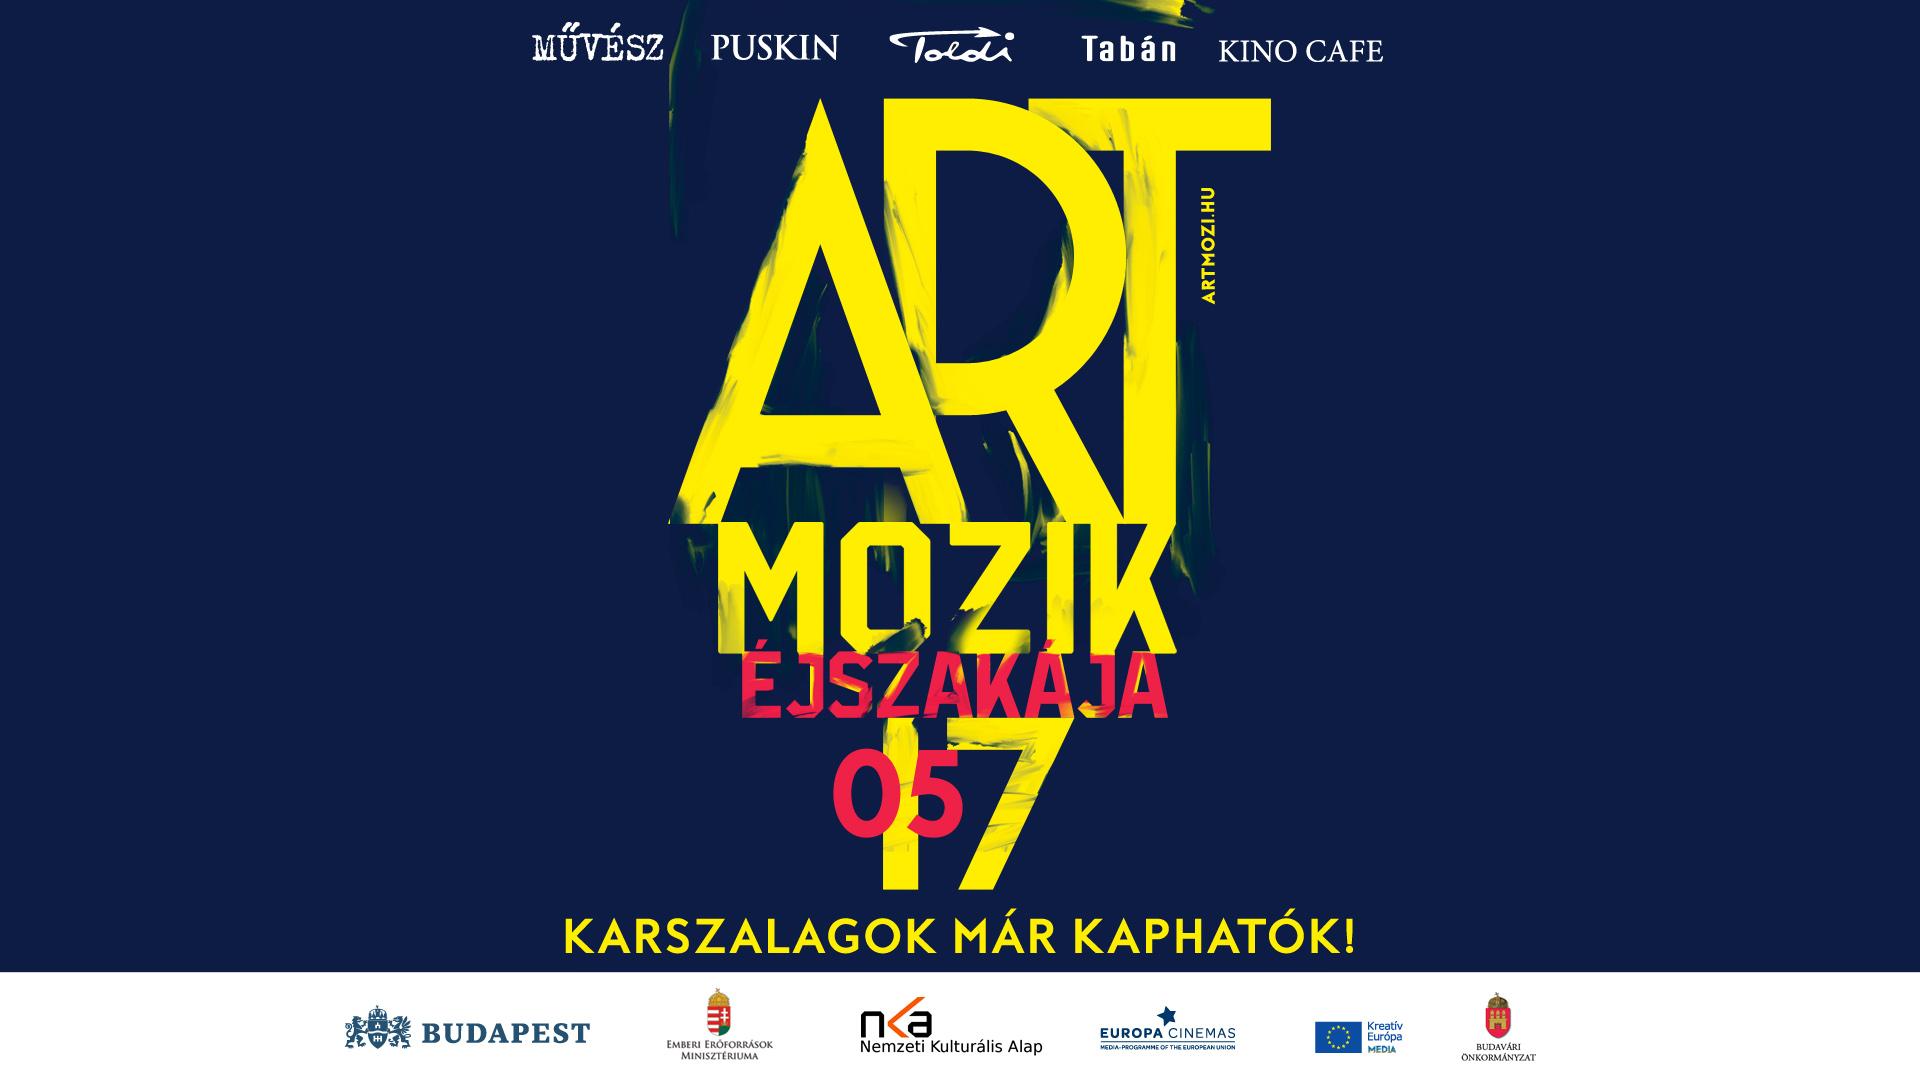 Május 17-én ismét itt az Artmozik Éjszakája!